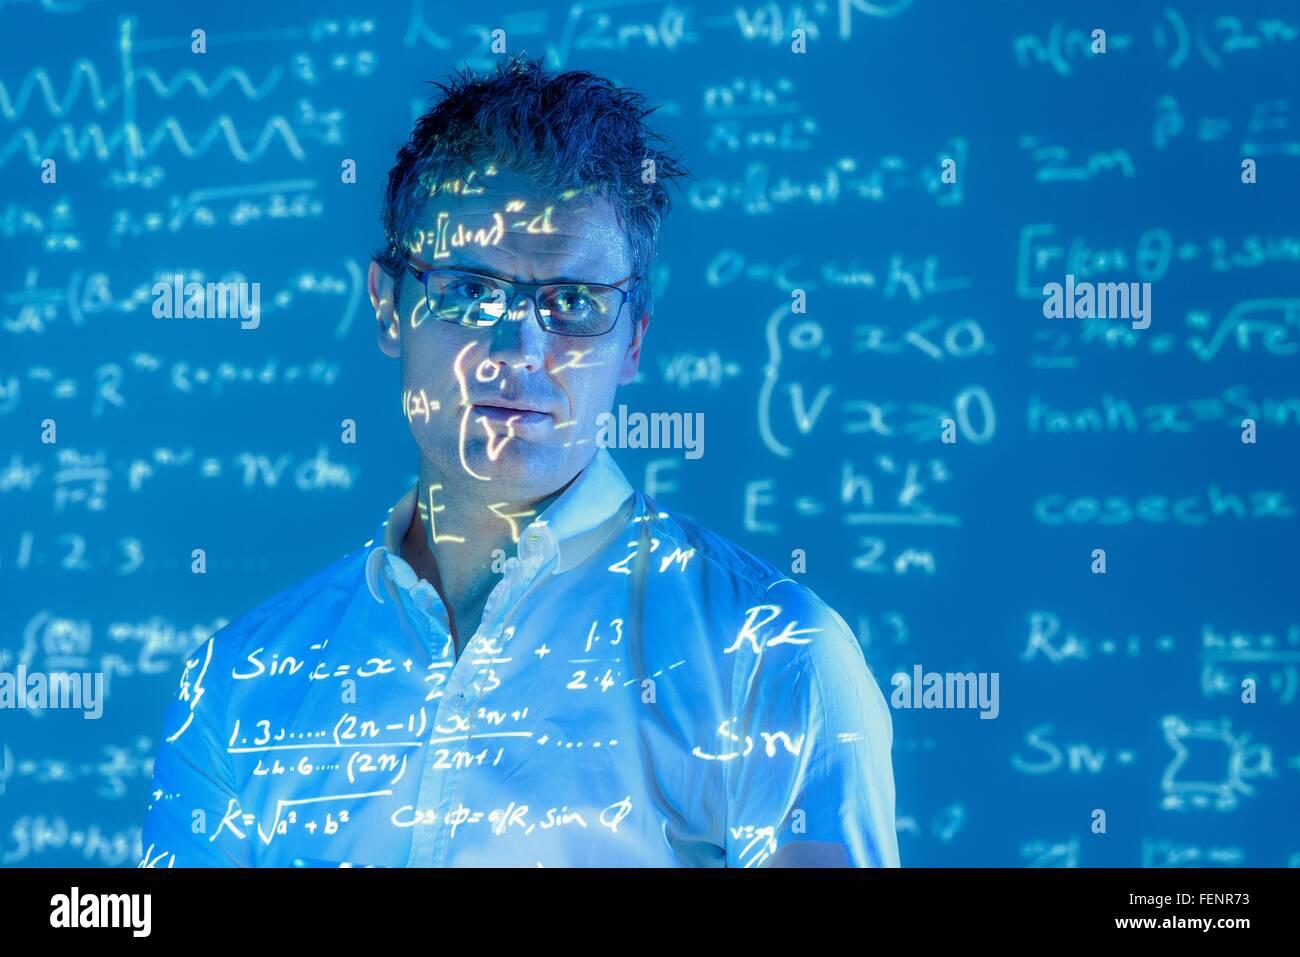 Ritratto di scienziato con proiezione di dati matematici Immagini Stock